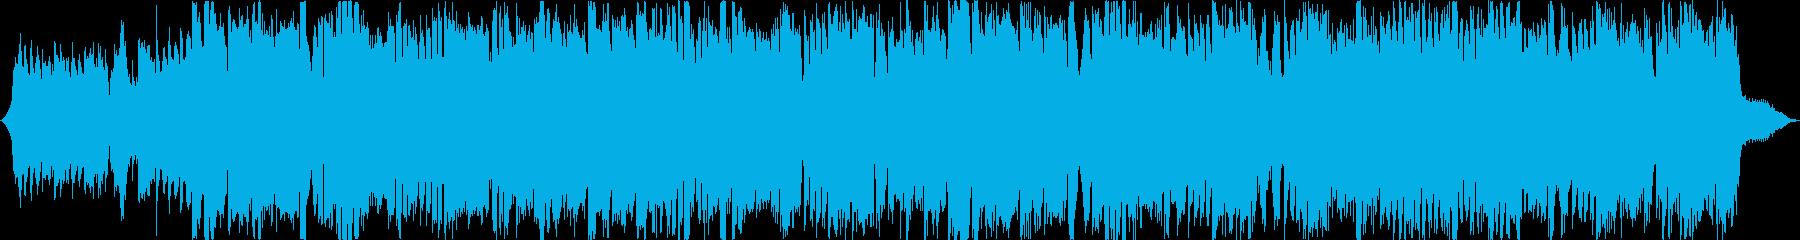 eスポーツ 大会 EDM 30秒の再生済みの波形